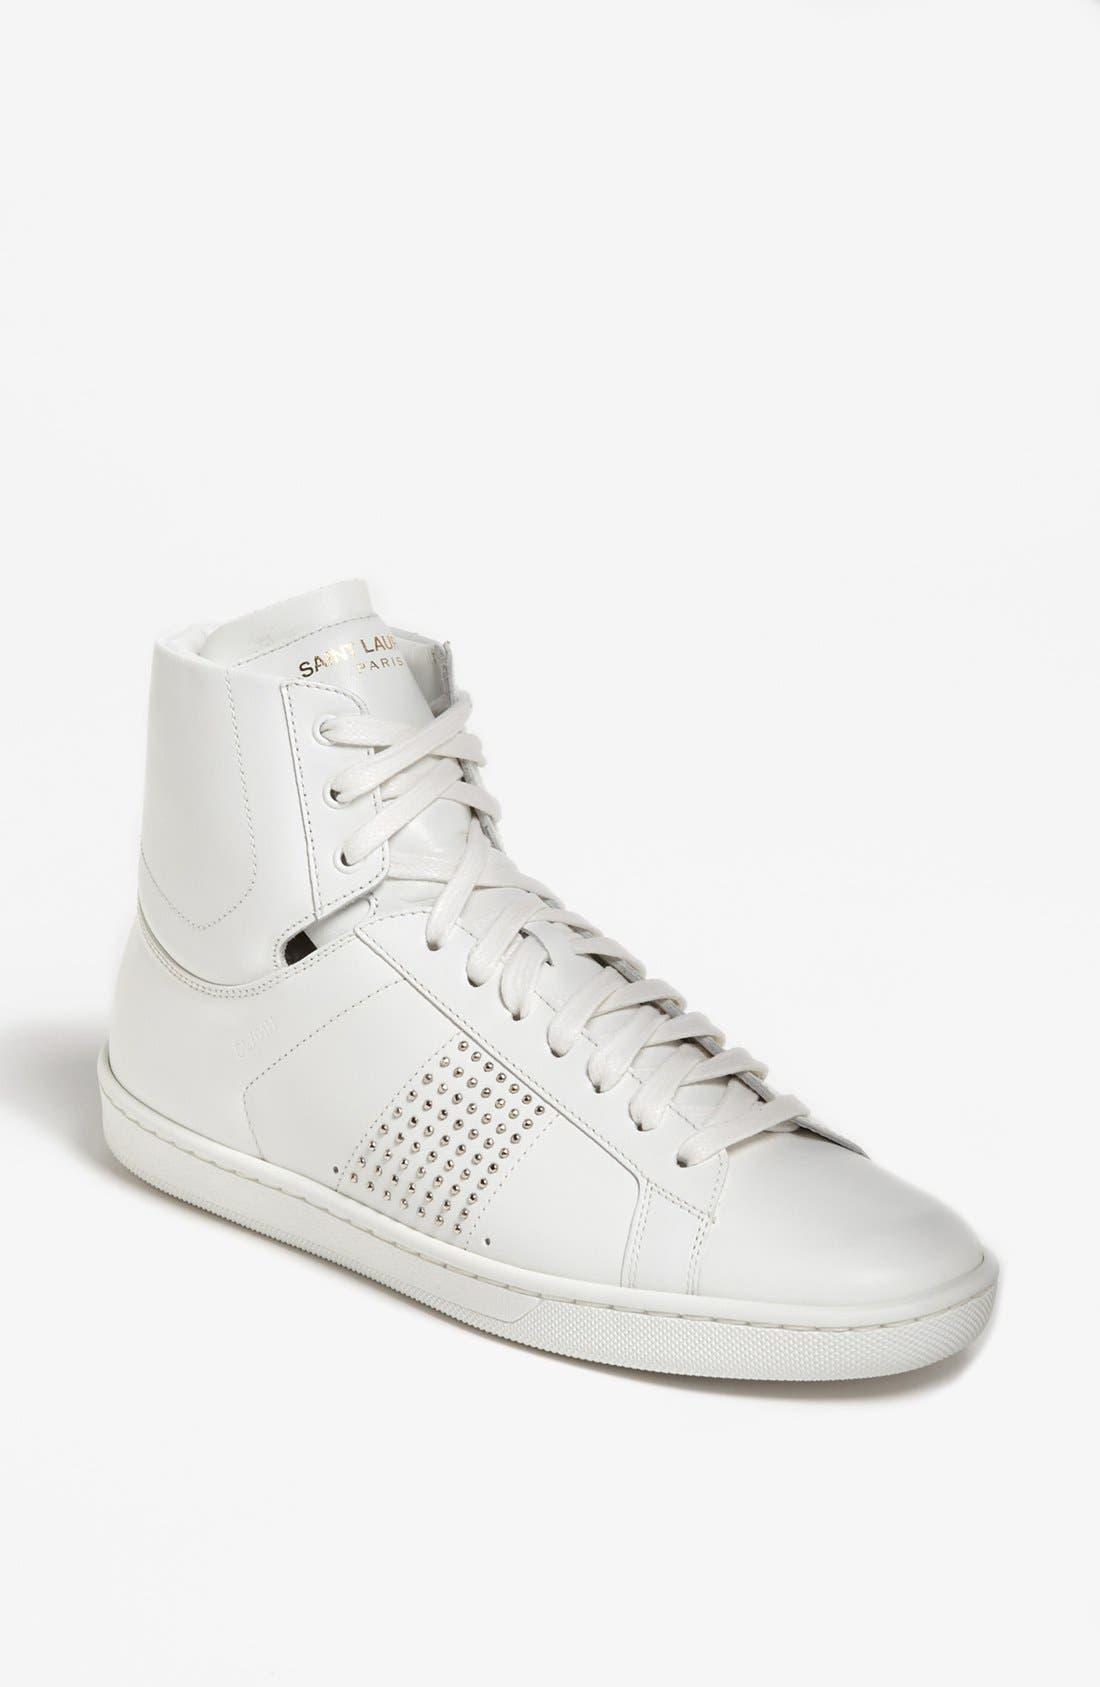 Main Image - Saint Laurent High Top Sneaker